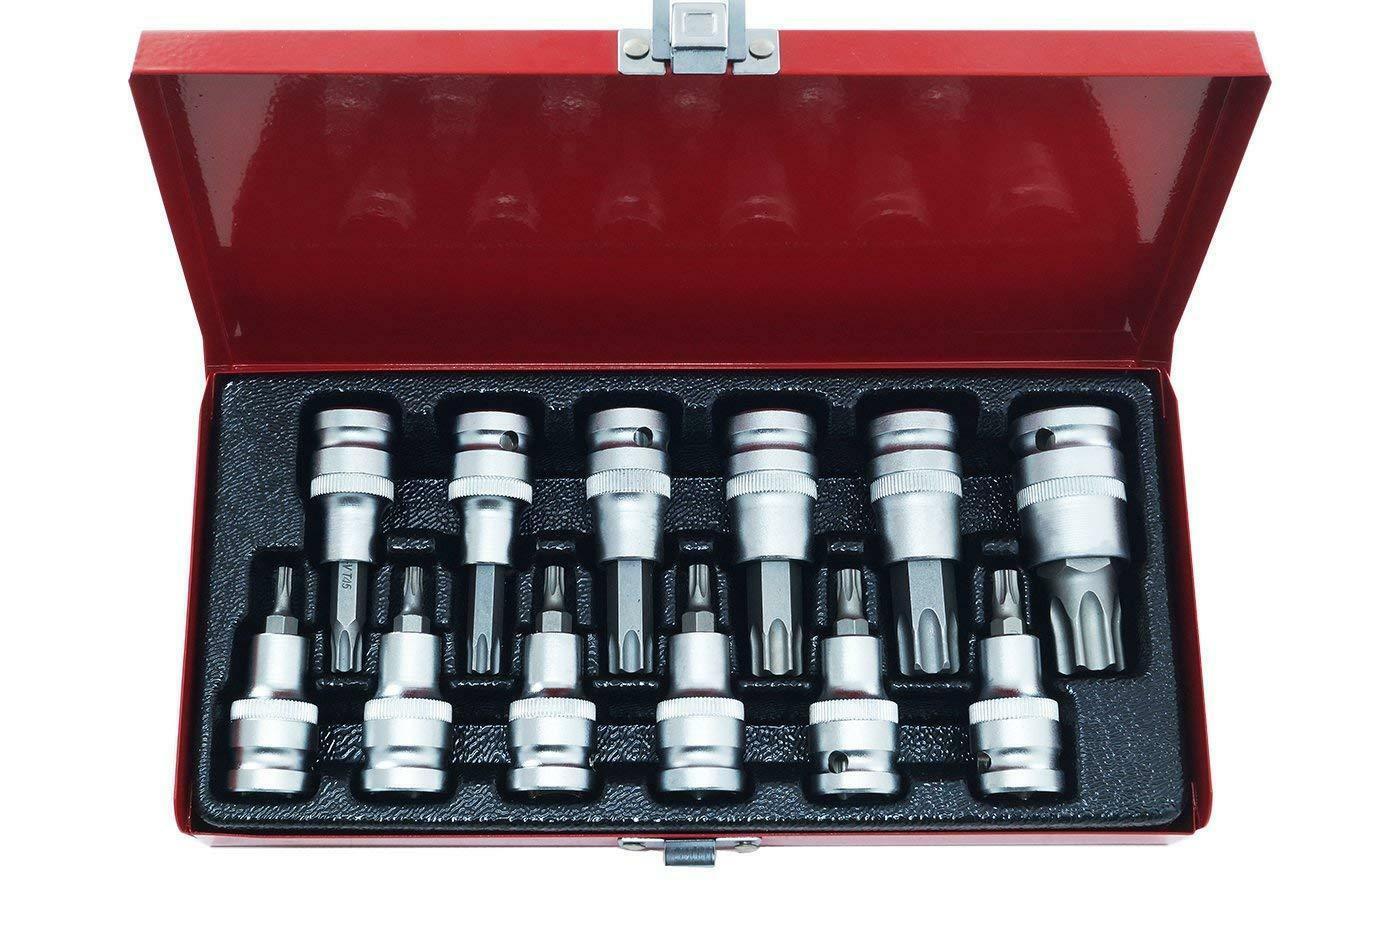 oxford chiavi a bussola torx in acciaio 12 pezzi oxford